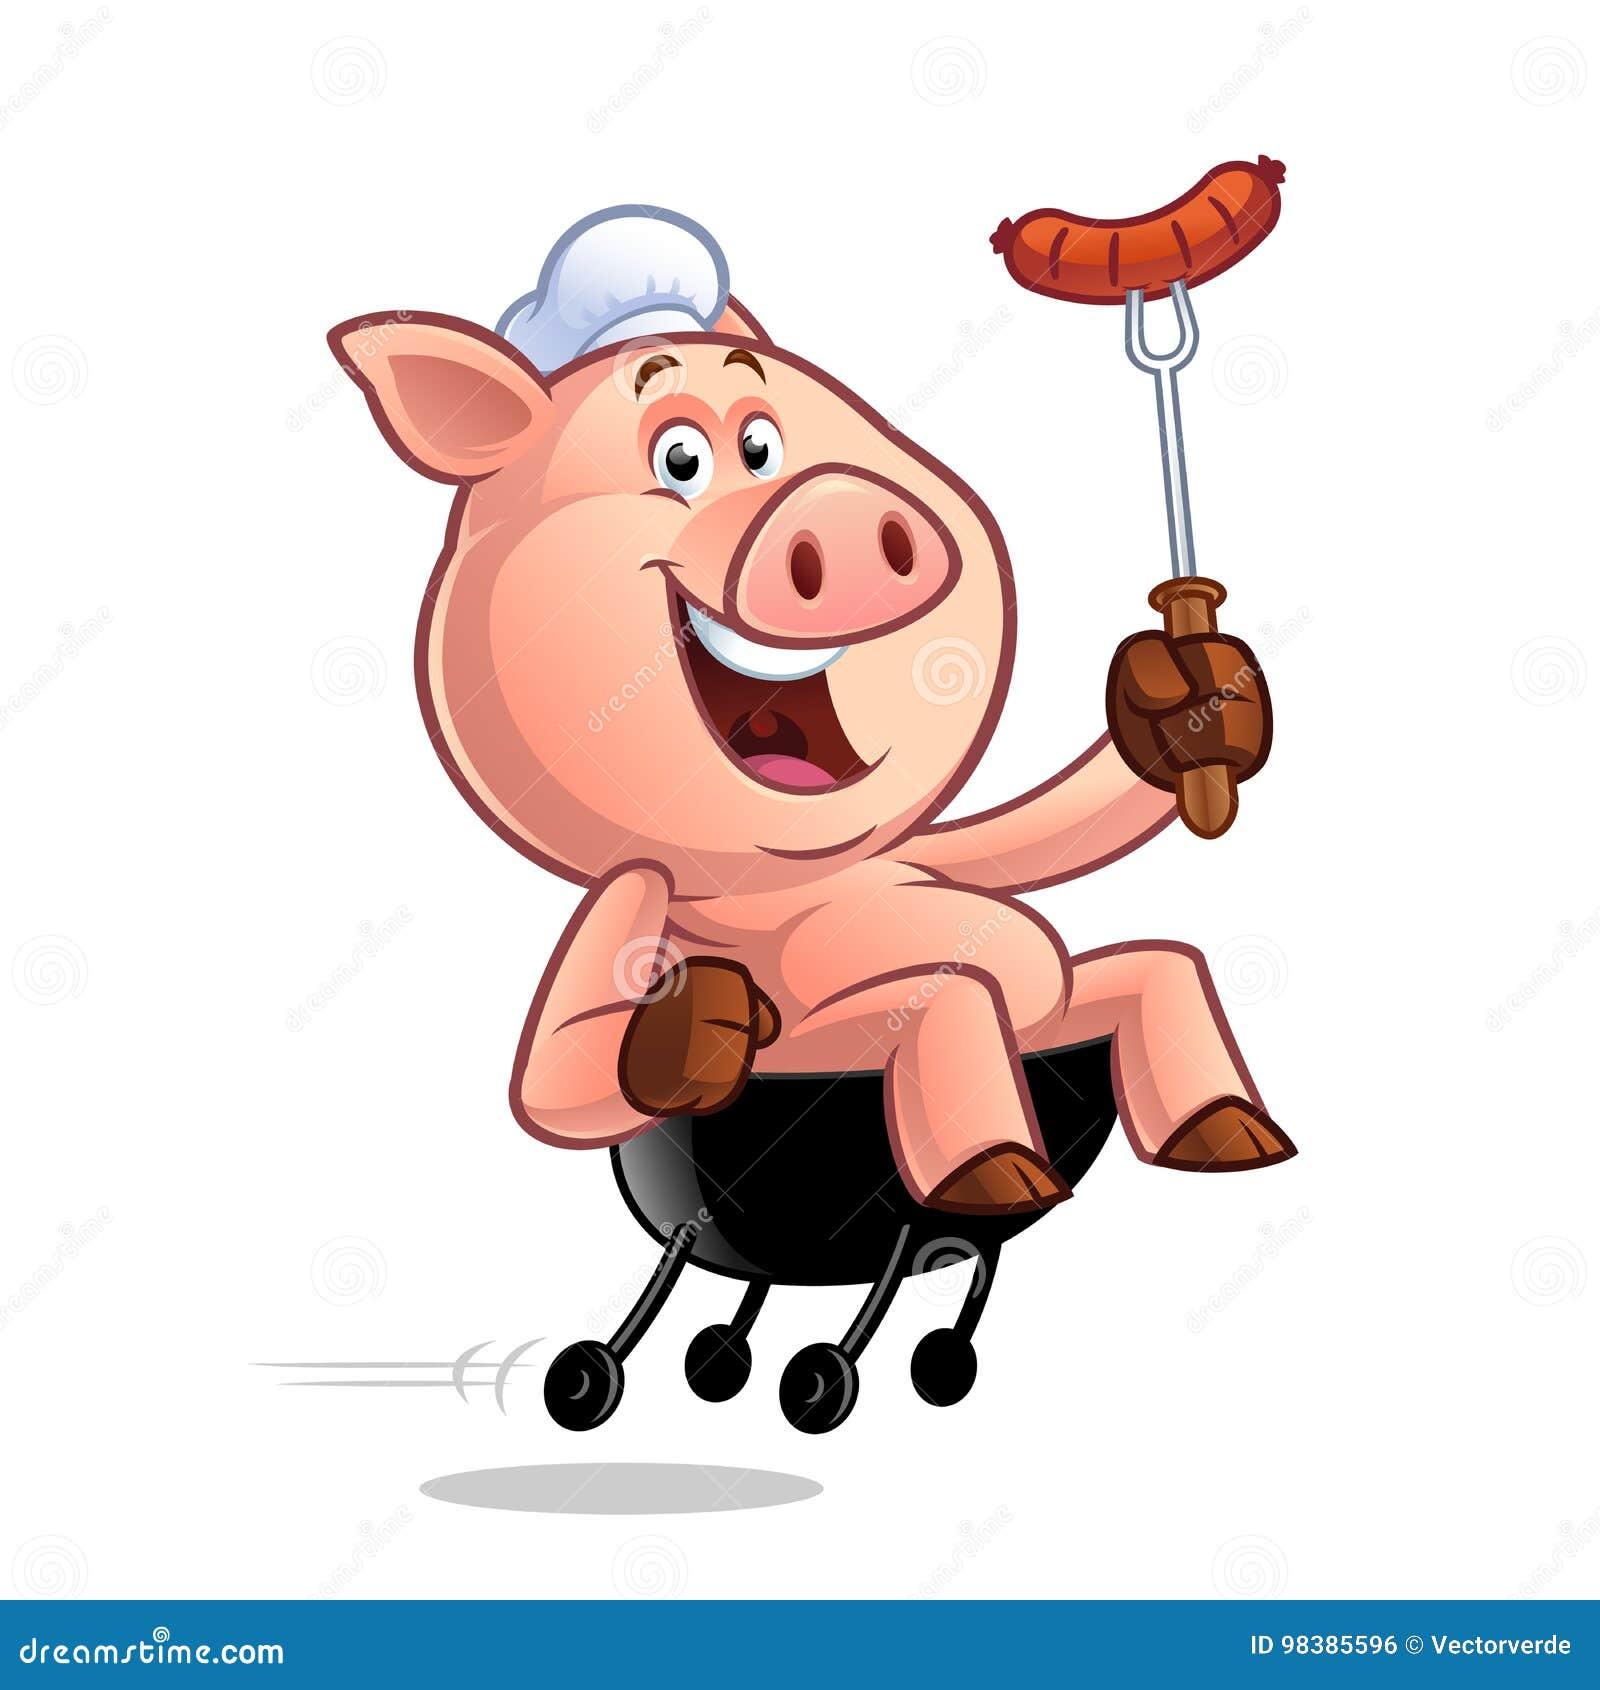 Karikatur schwein chef vektor abbildung illustration von